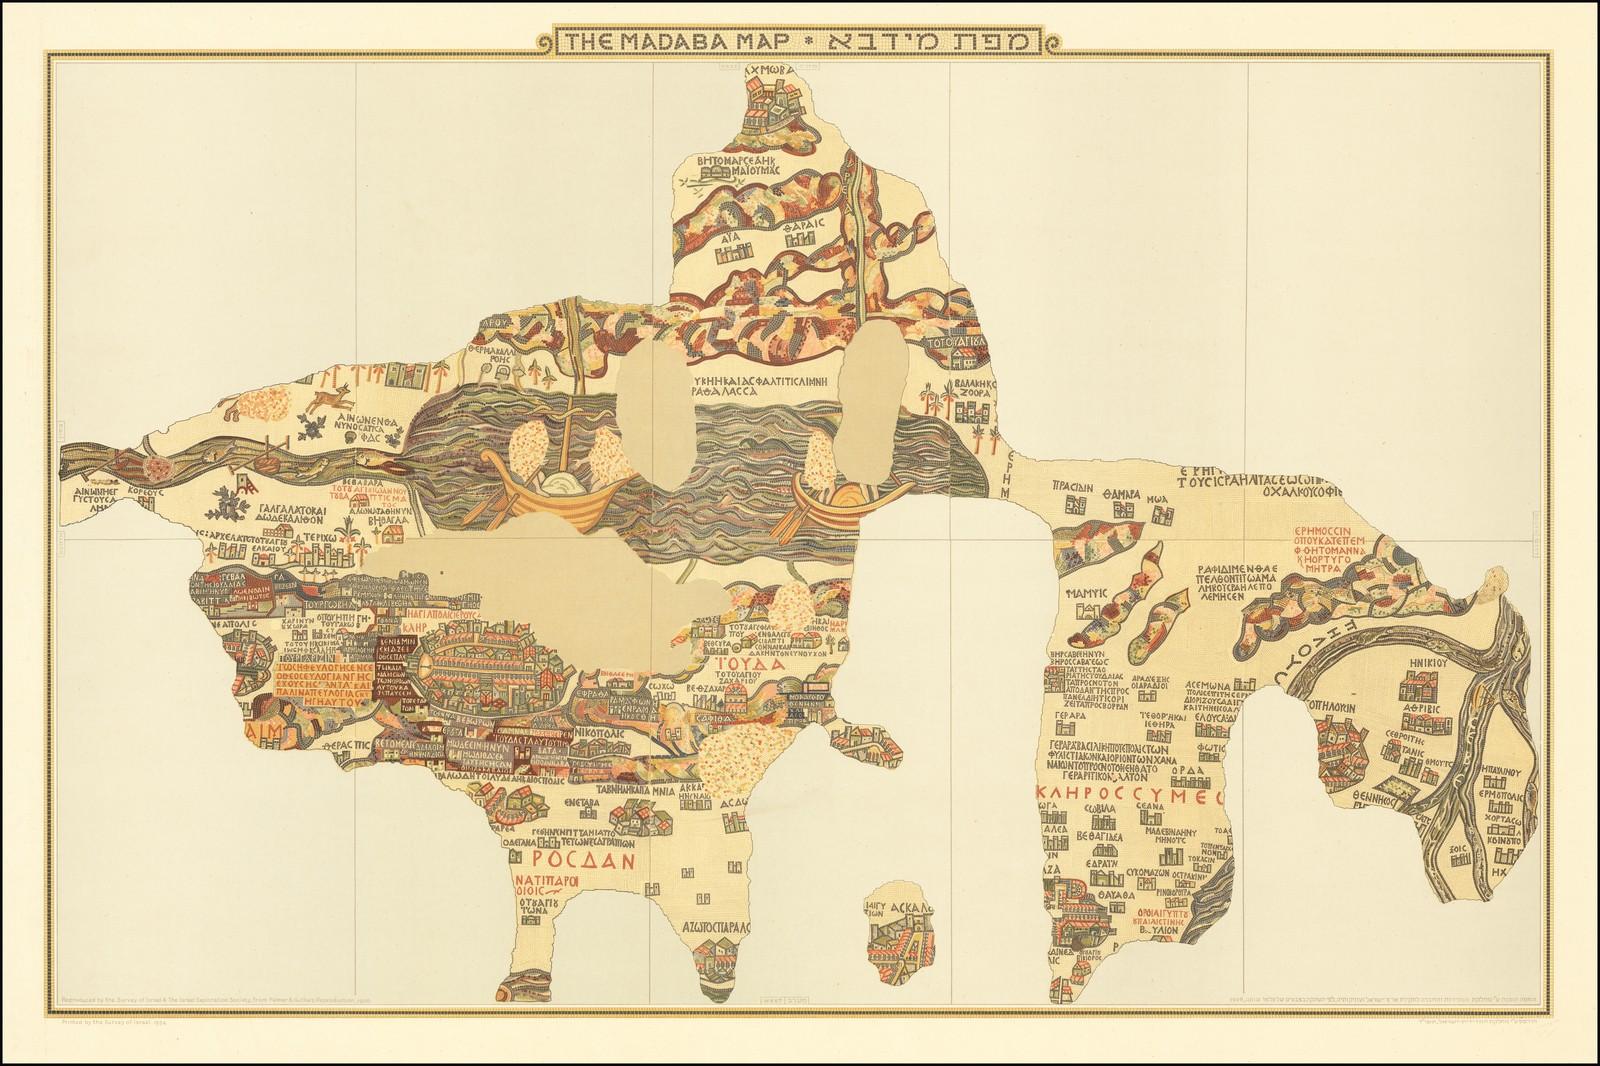 Самый ранний известный пример христианской топографии - это мозаичная карта Мадабы, датируемая шестым веком